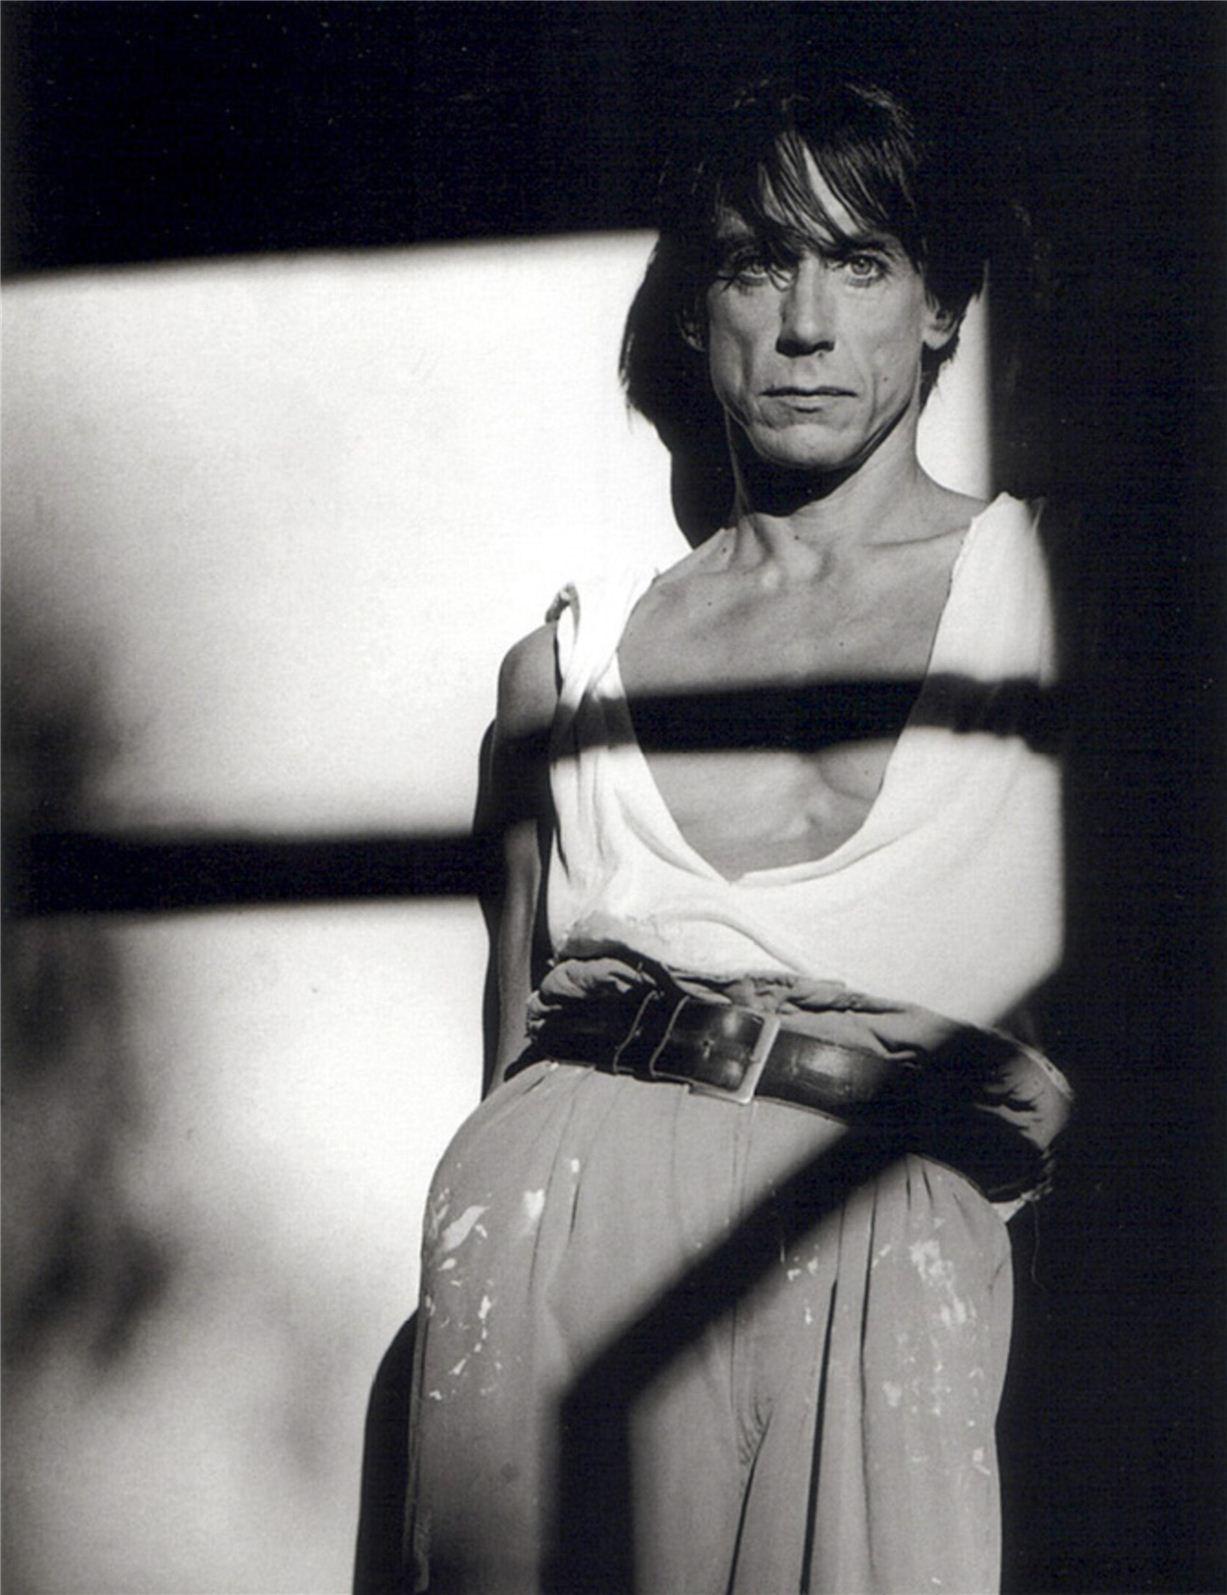 Iggy Pop / Игги Поп - портрет фотографа Грега Гормана / Greg Gorman